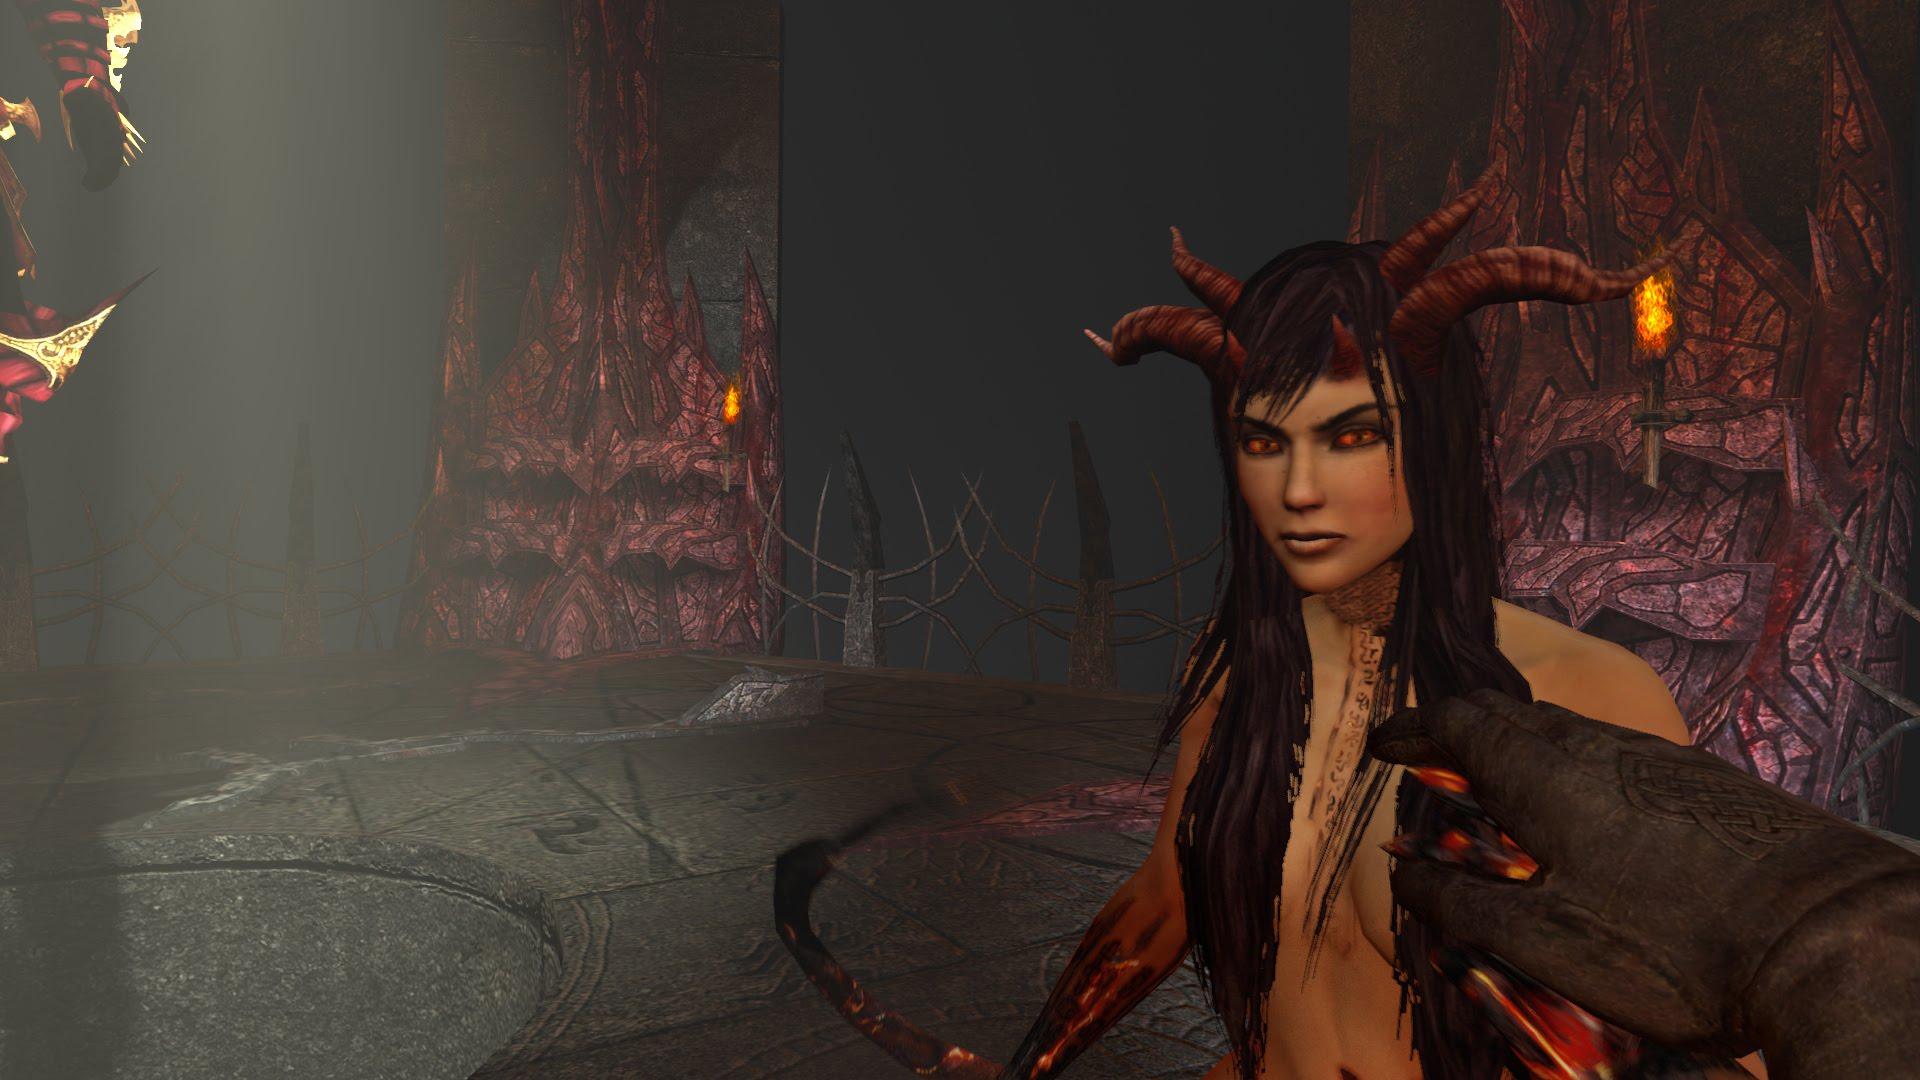 Dark messiah nude Nude Photos 40